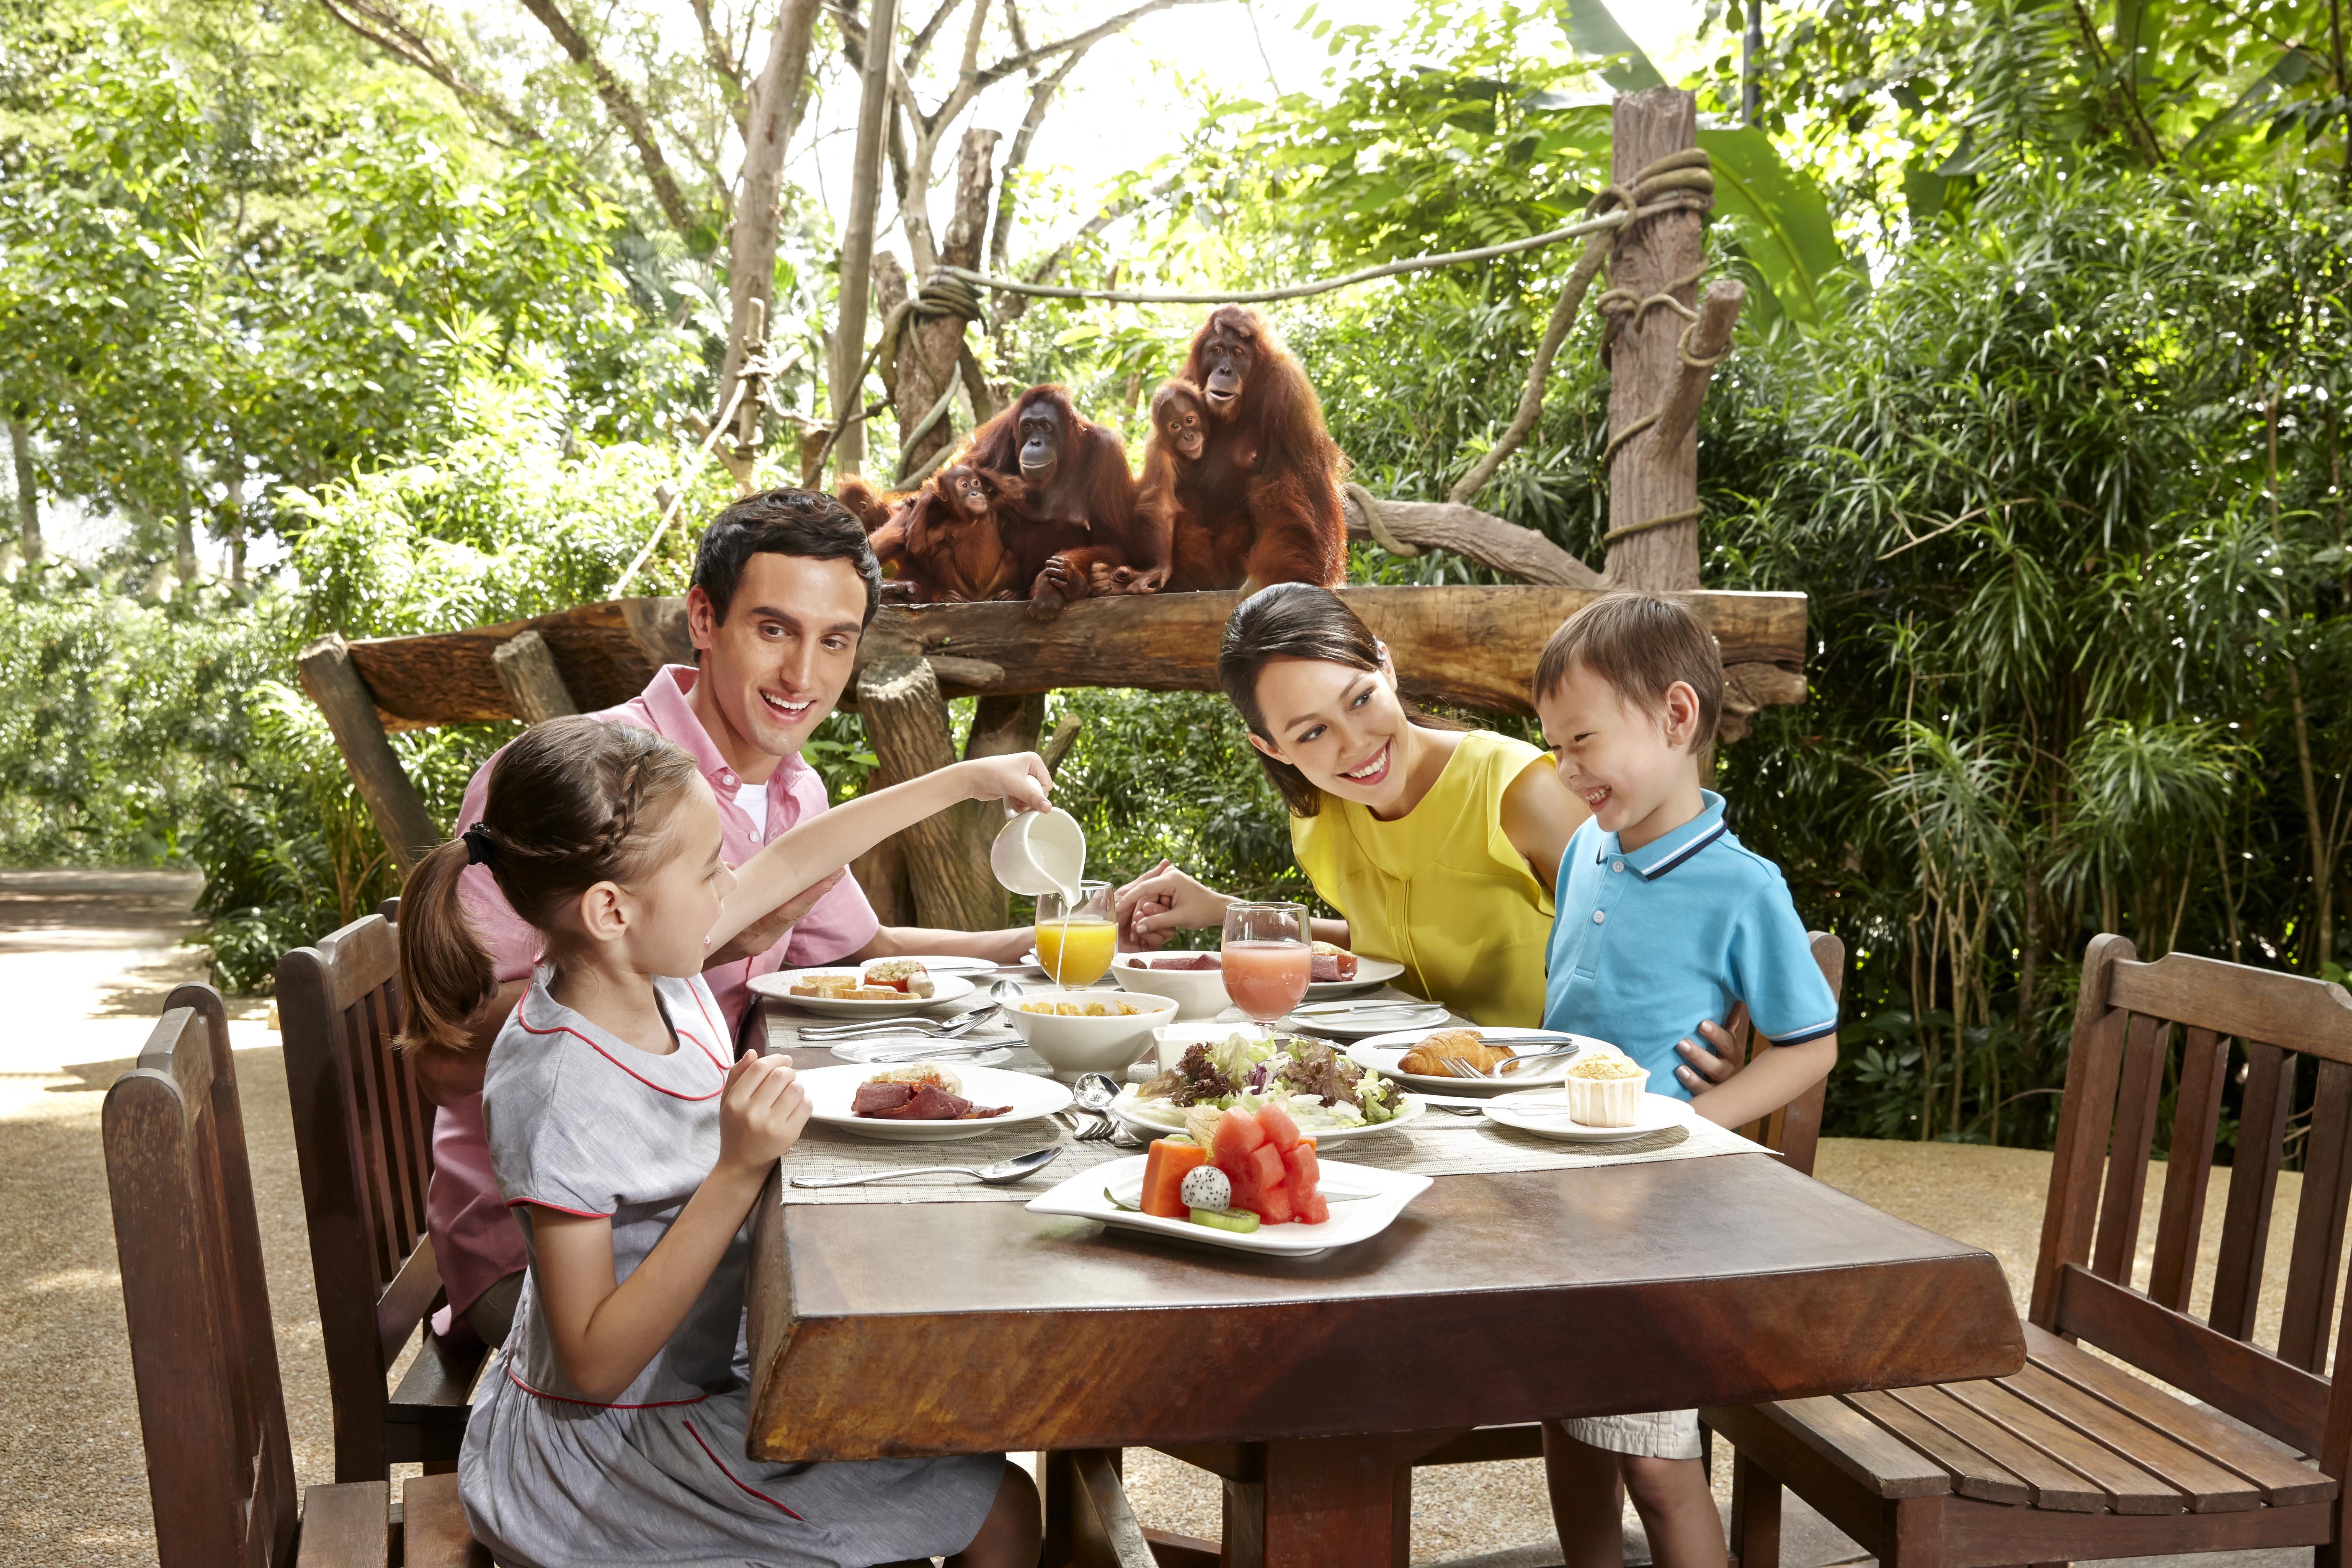 オランウータンと食事ができる ジャングルブレックファスト